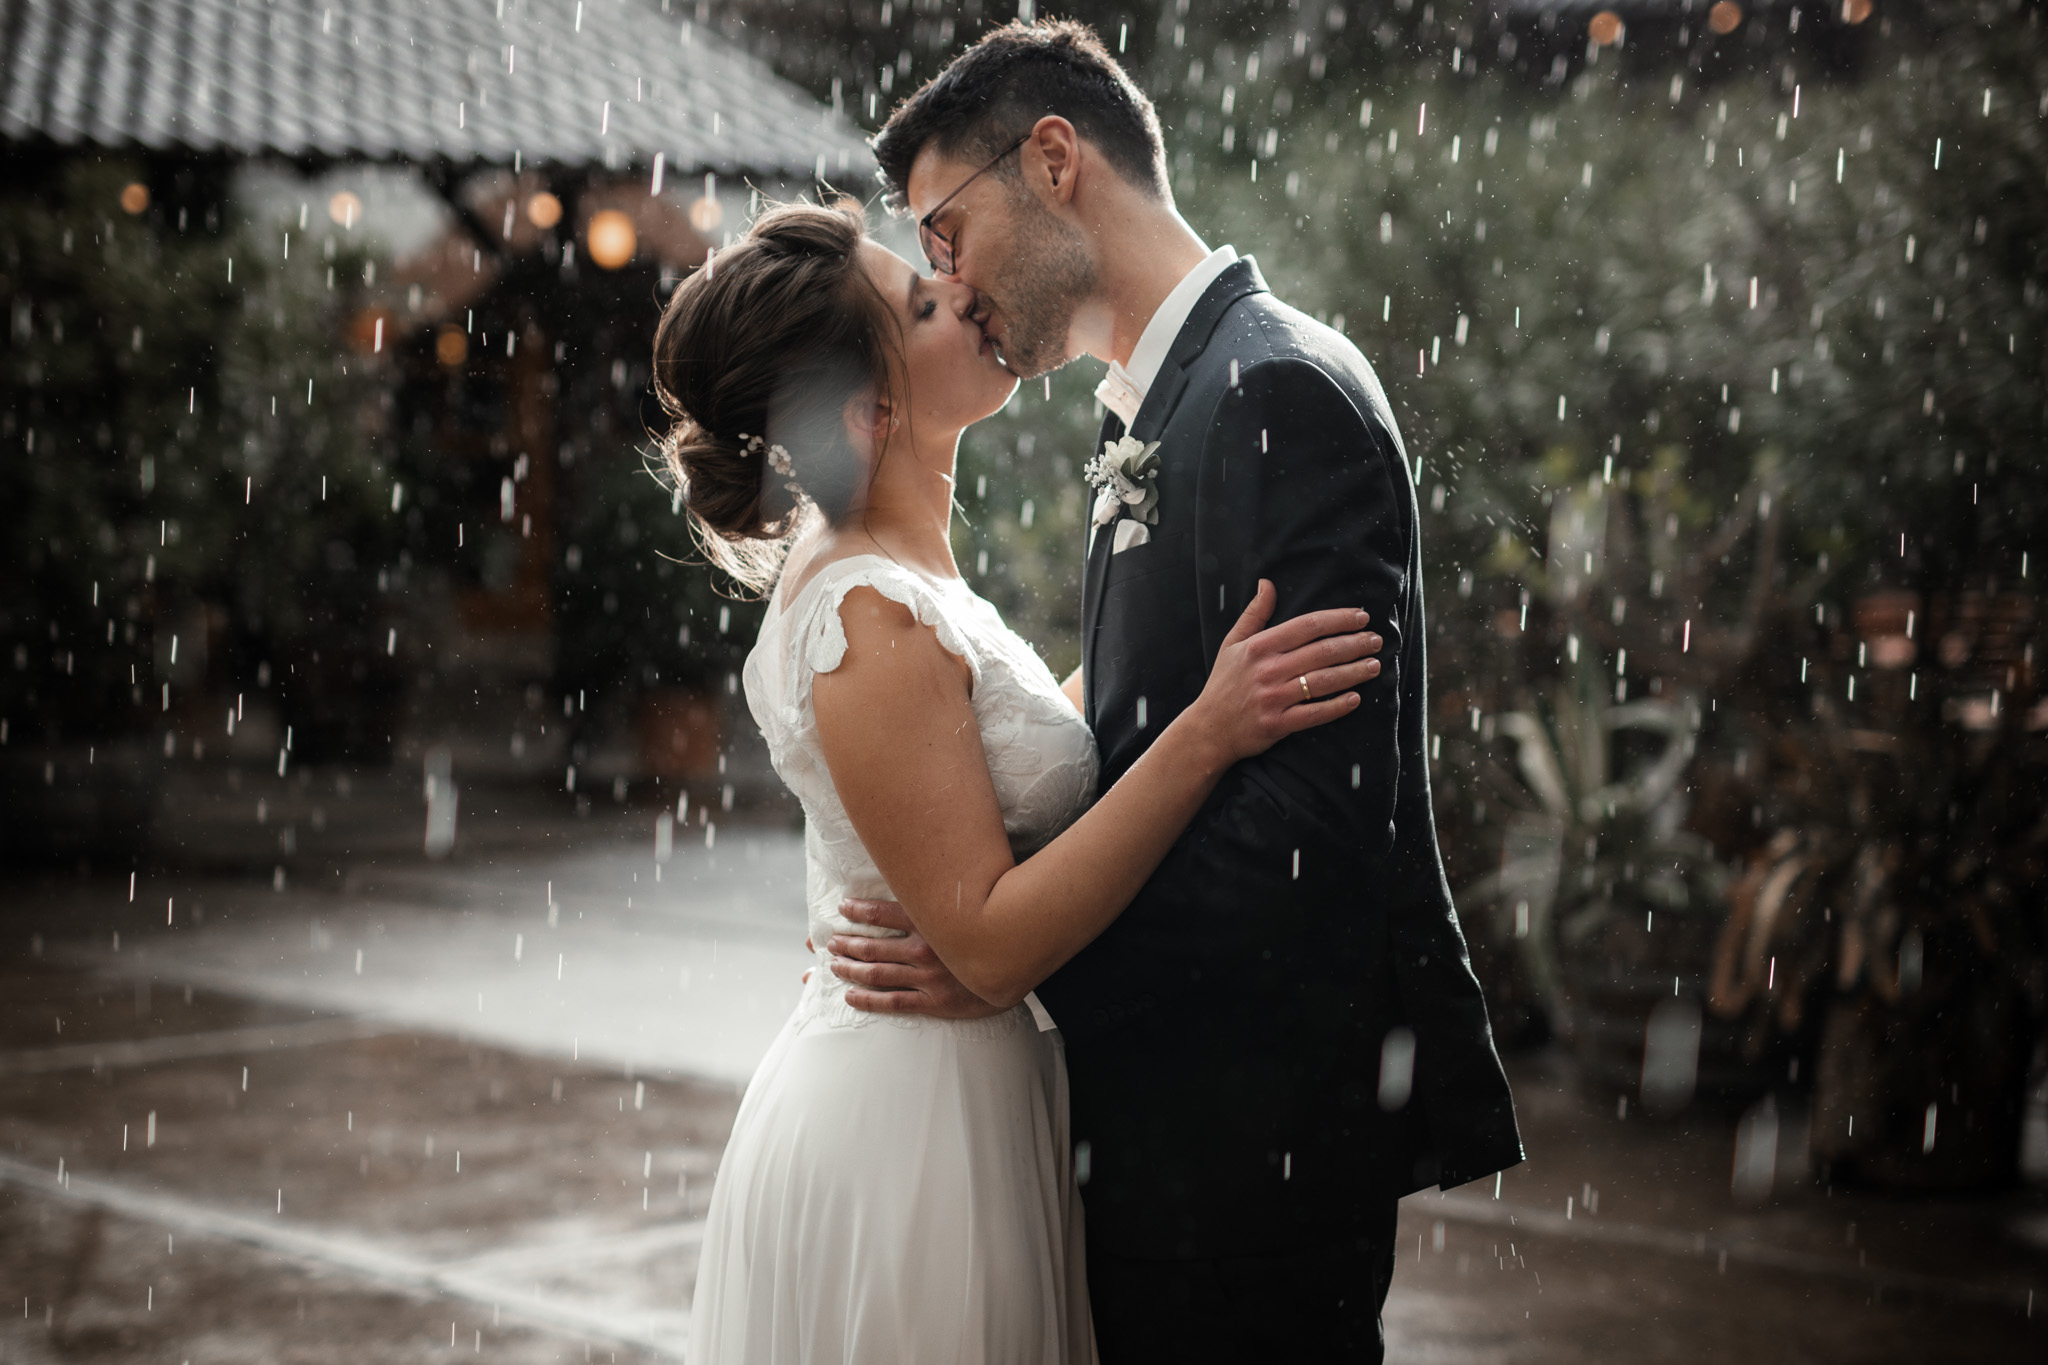 Hochzeitsfotograf Rheinhessen: stimmungsvolle, ruhige Hochzeitsfotos | Hochzeitsfotografie Mainz | Tina und Maxim 11